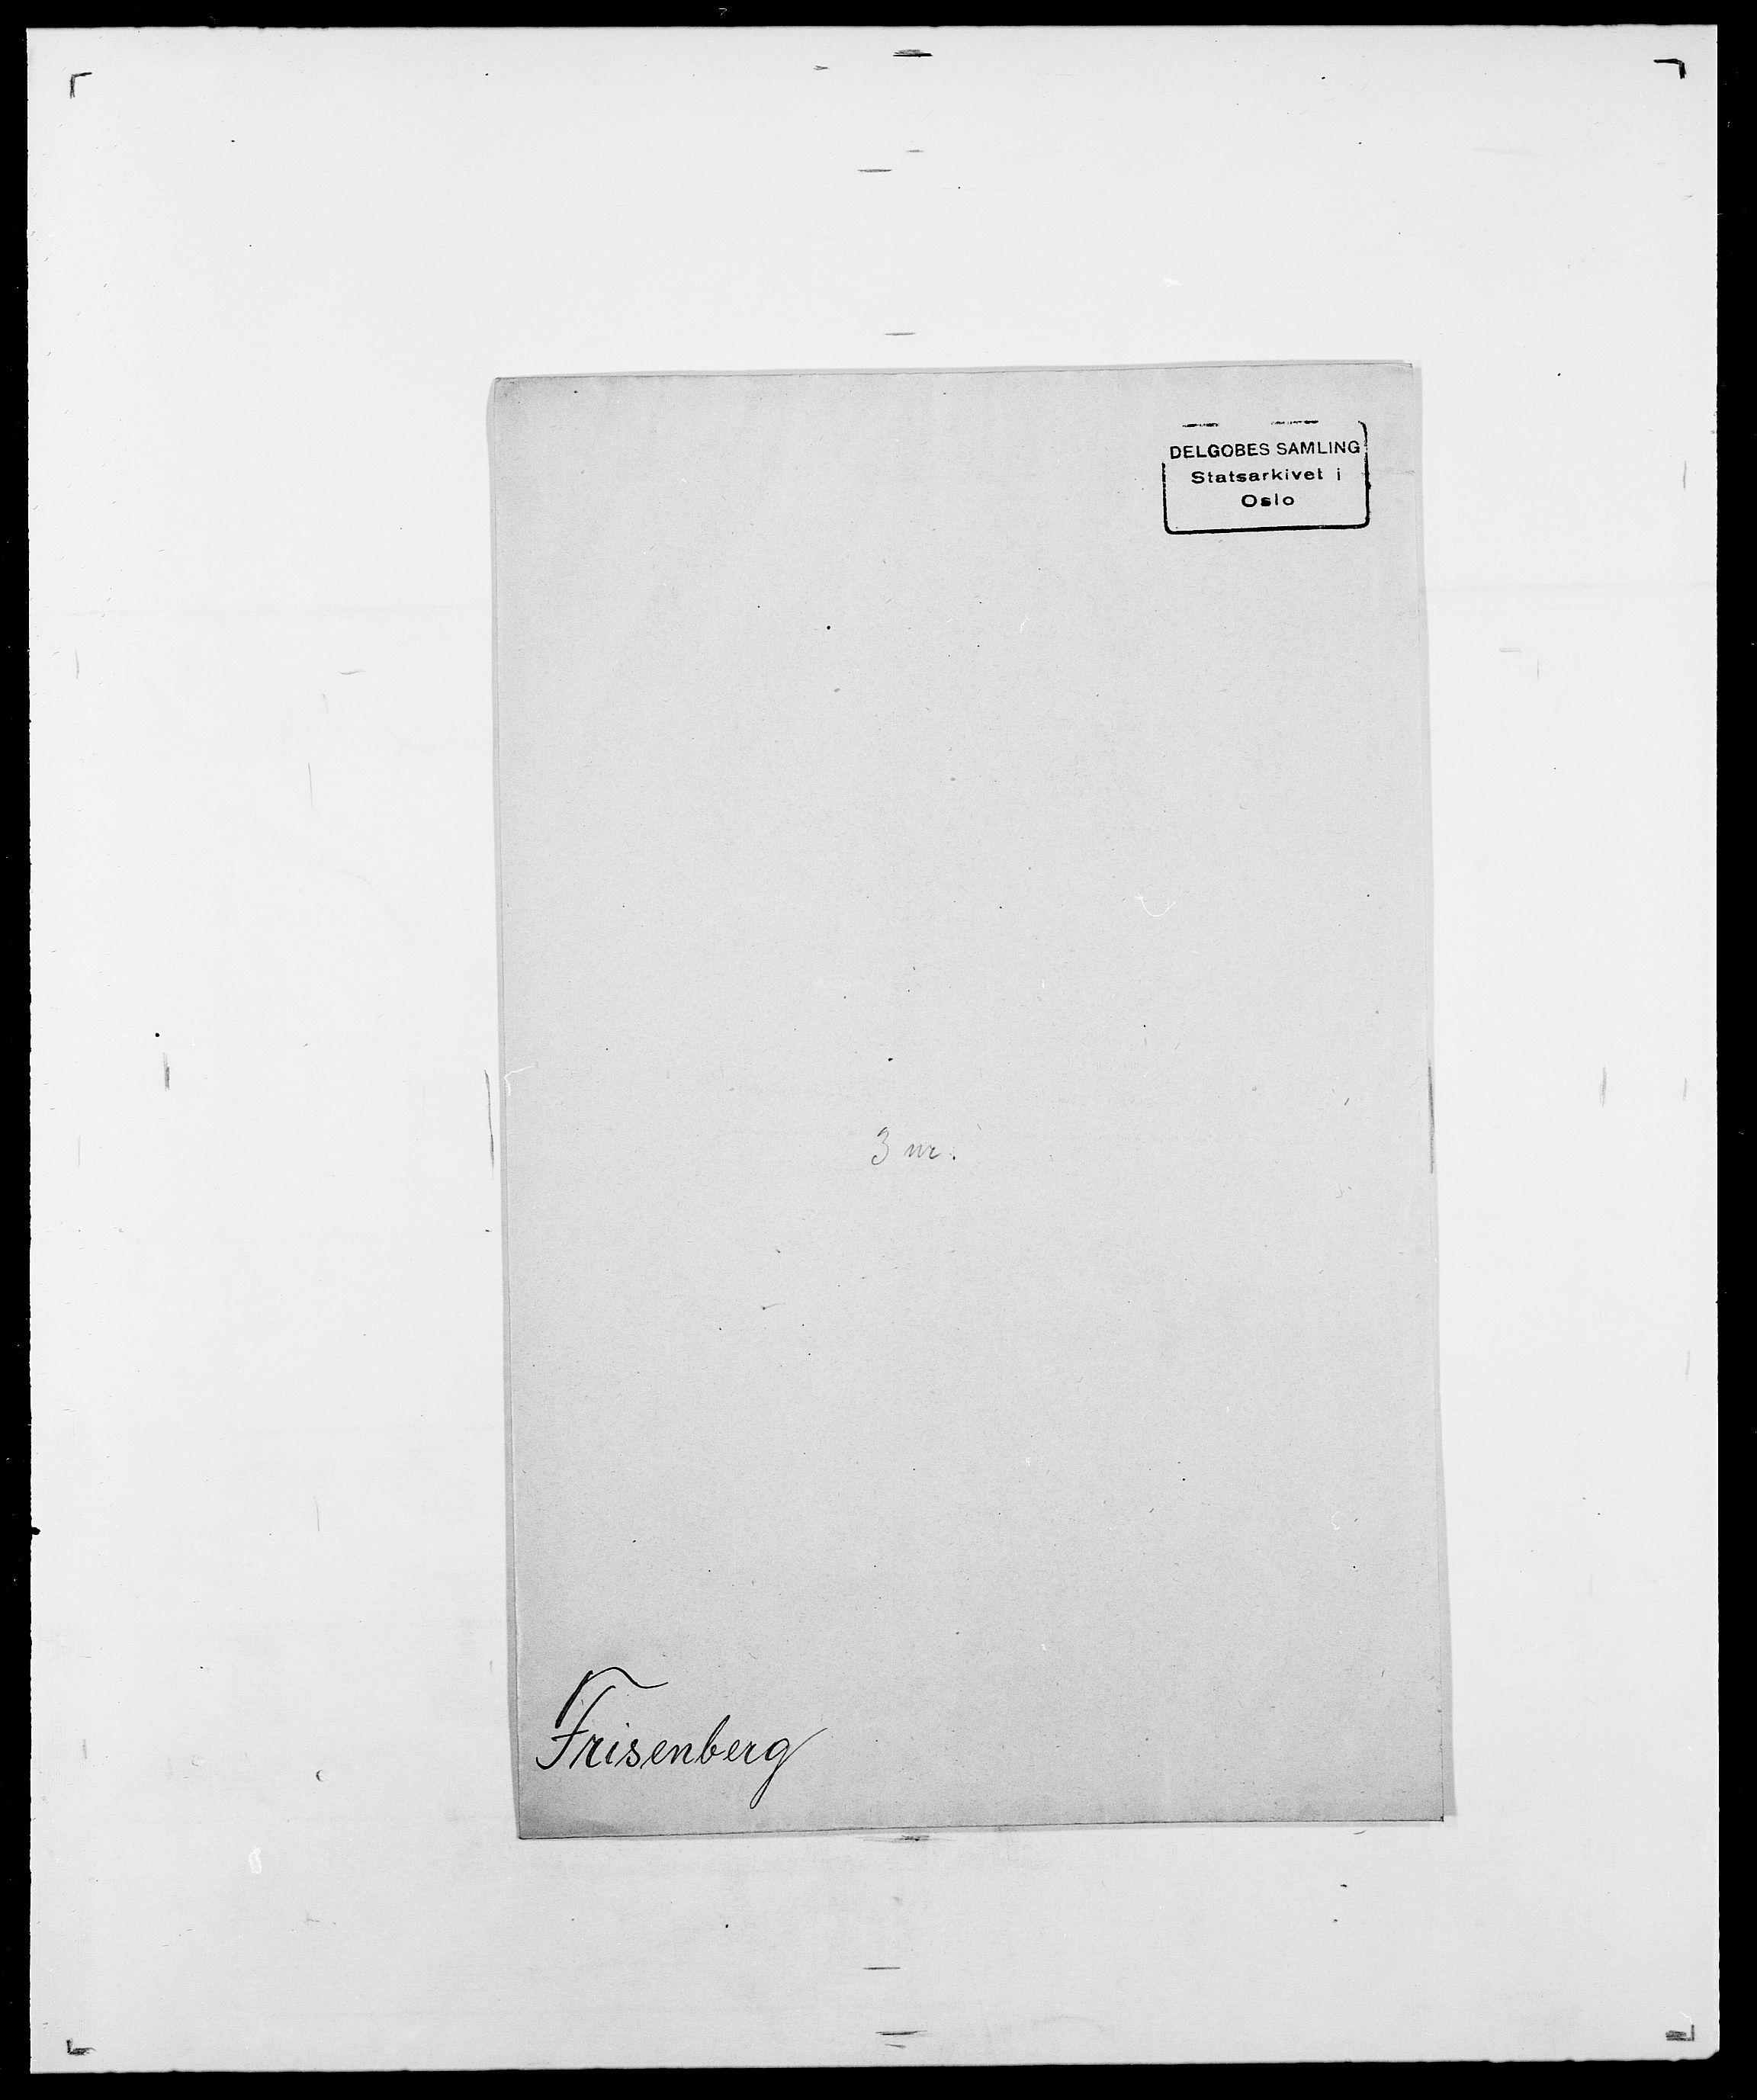 SAO, Delgobe, Charles Antoine - samling, D/Da/L0012: Flor, Floer, Flohr - Fritzner, s. 1037